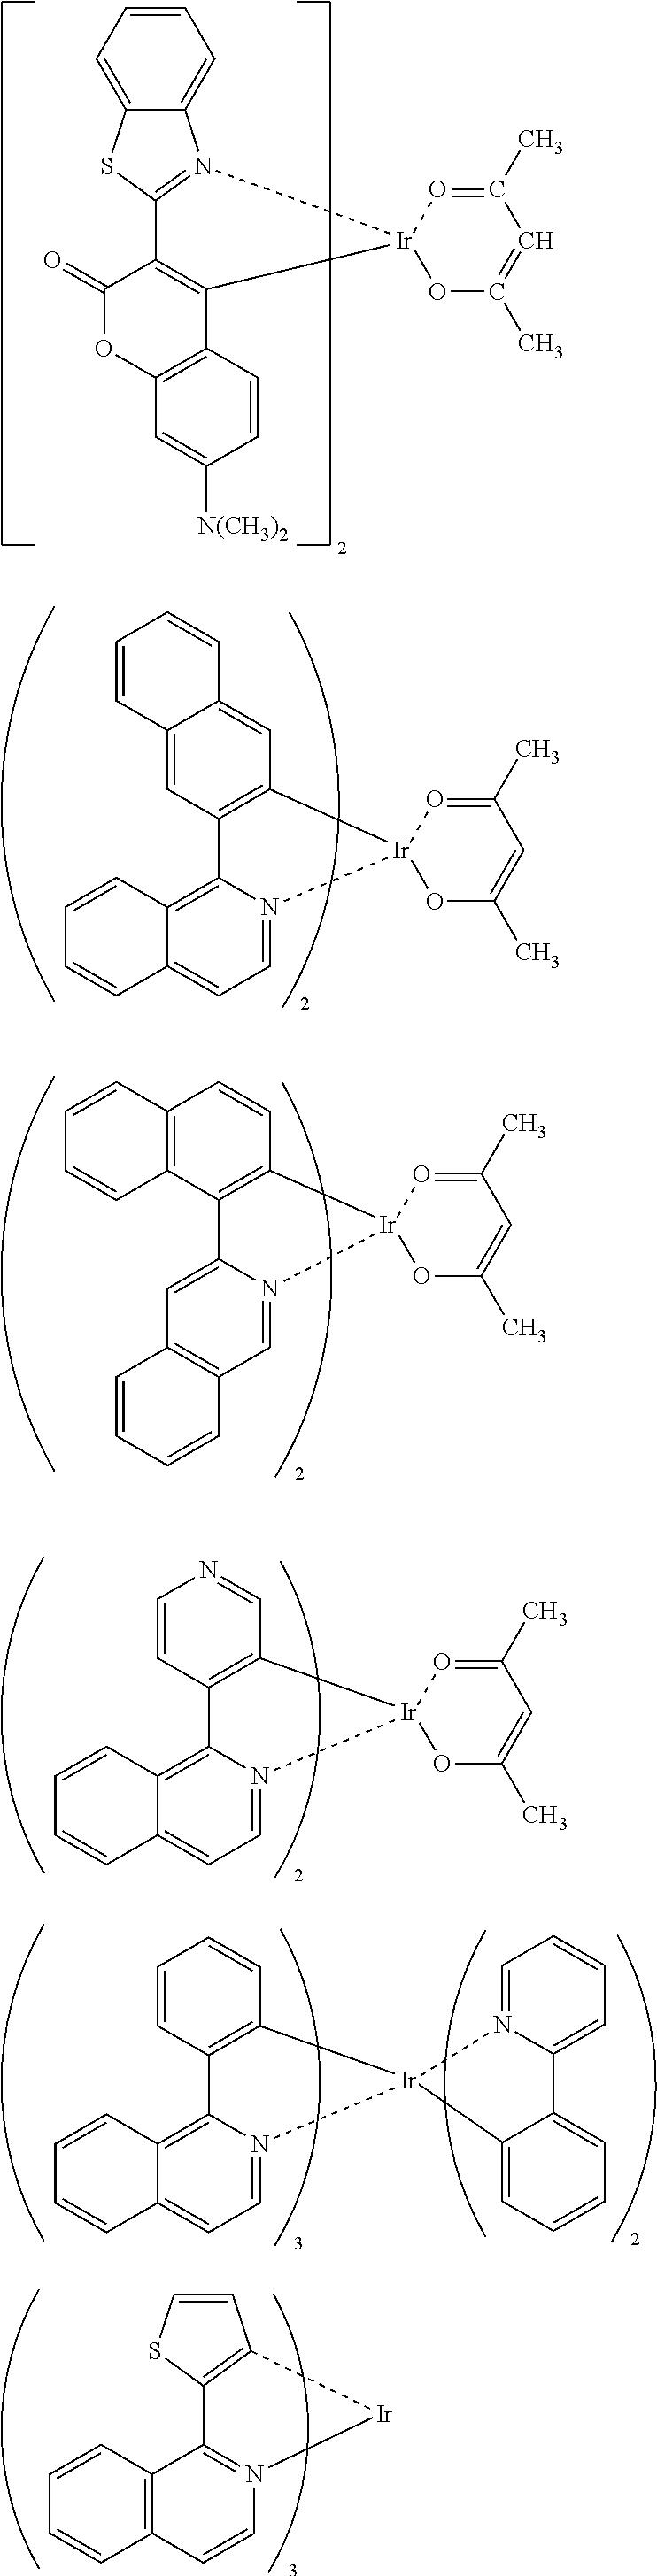 Figure US08568903-20131029-C00042